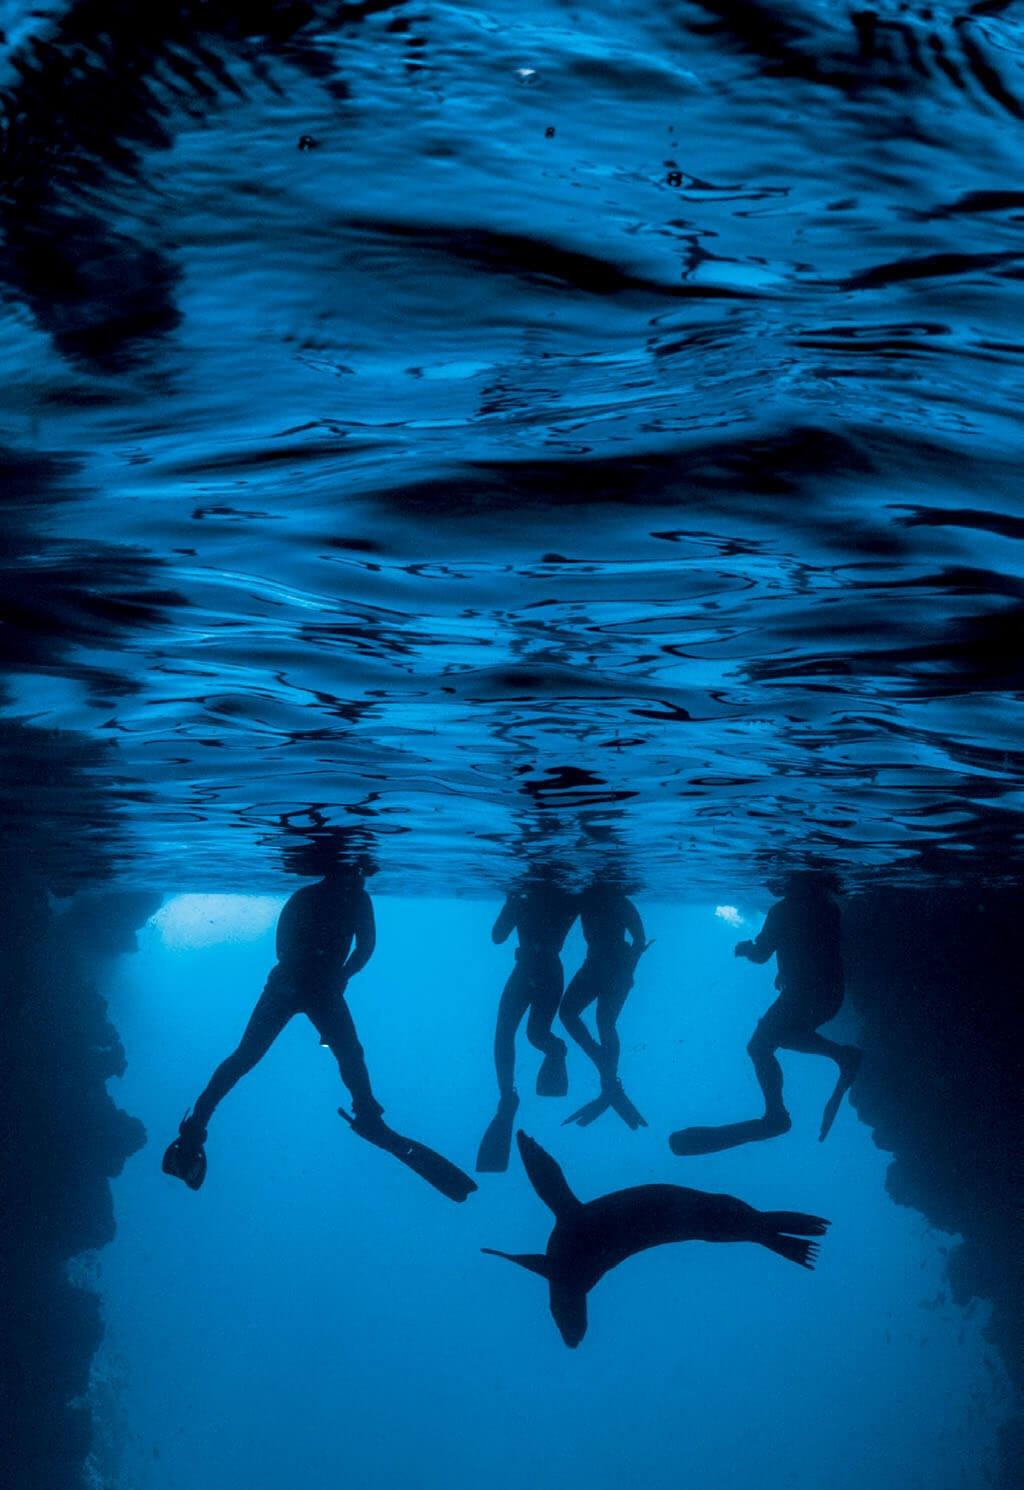 浮潛者在加拉巴哥海獅附近游泳。這樣的景點每年吸引約20萬名遊客,對於水與其他資源有大量需求。《國家地理》6月號將刊載克里斯多福. 所羅門針對加拉巴哥群島未來的深入報導。PHOTO: THOMAS P. PESCHAK